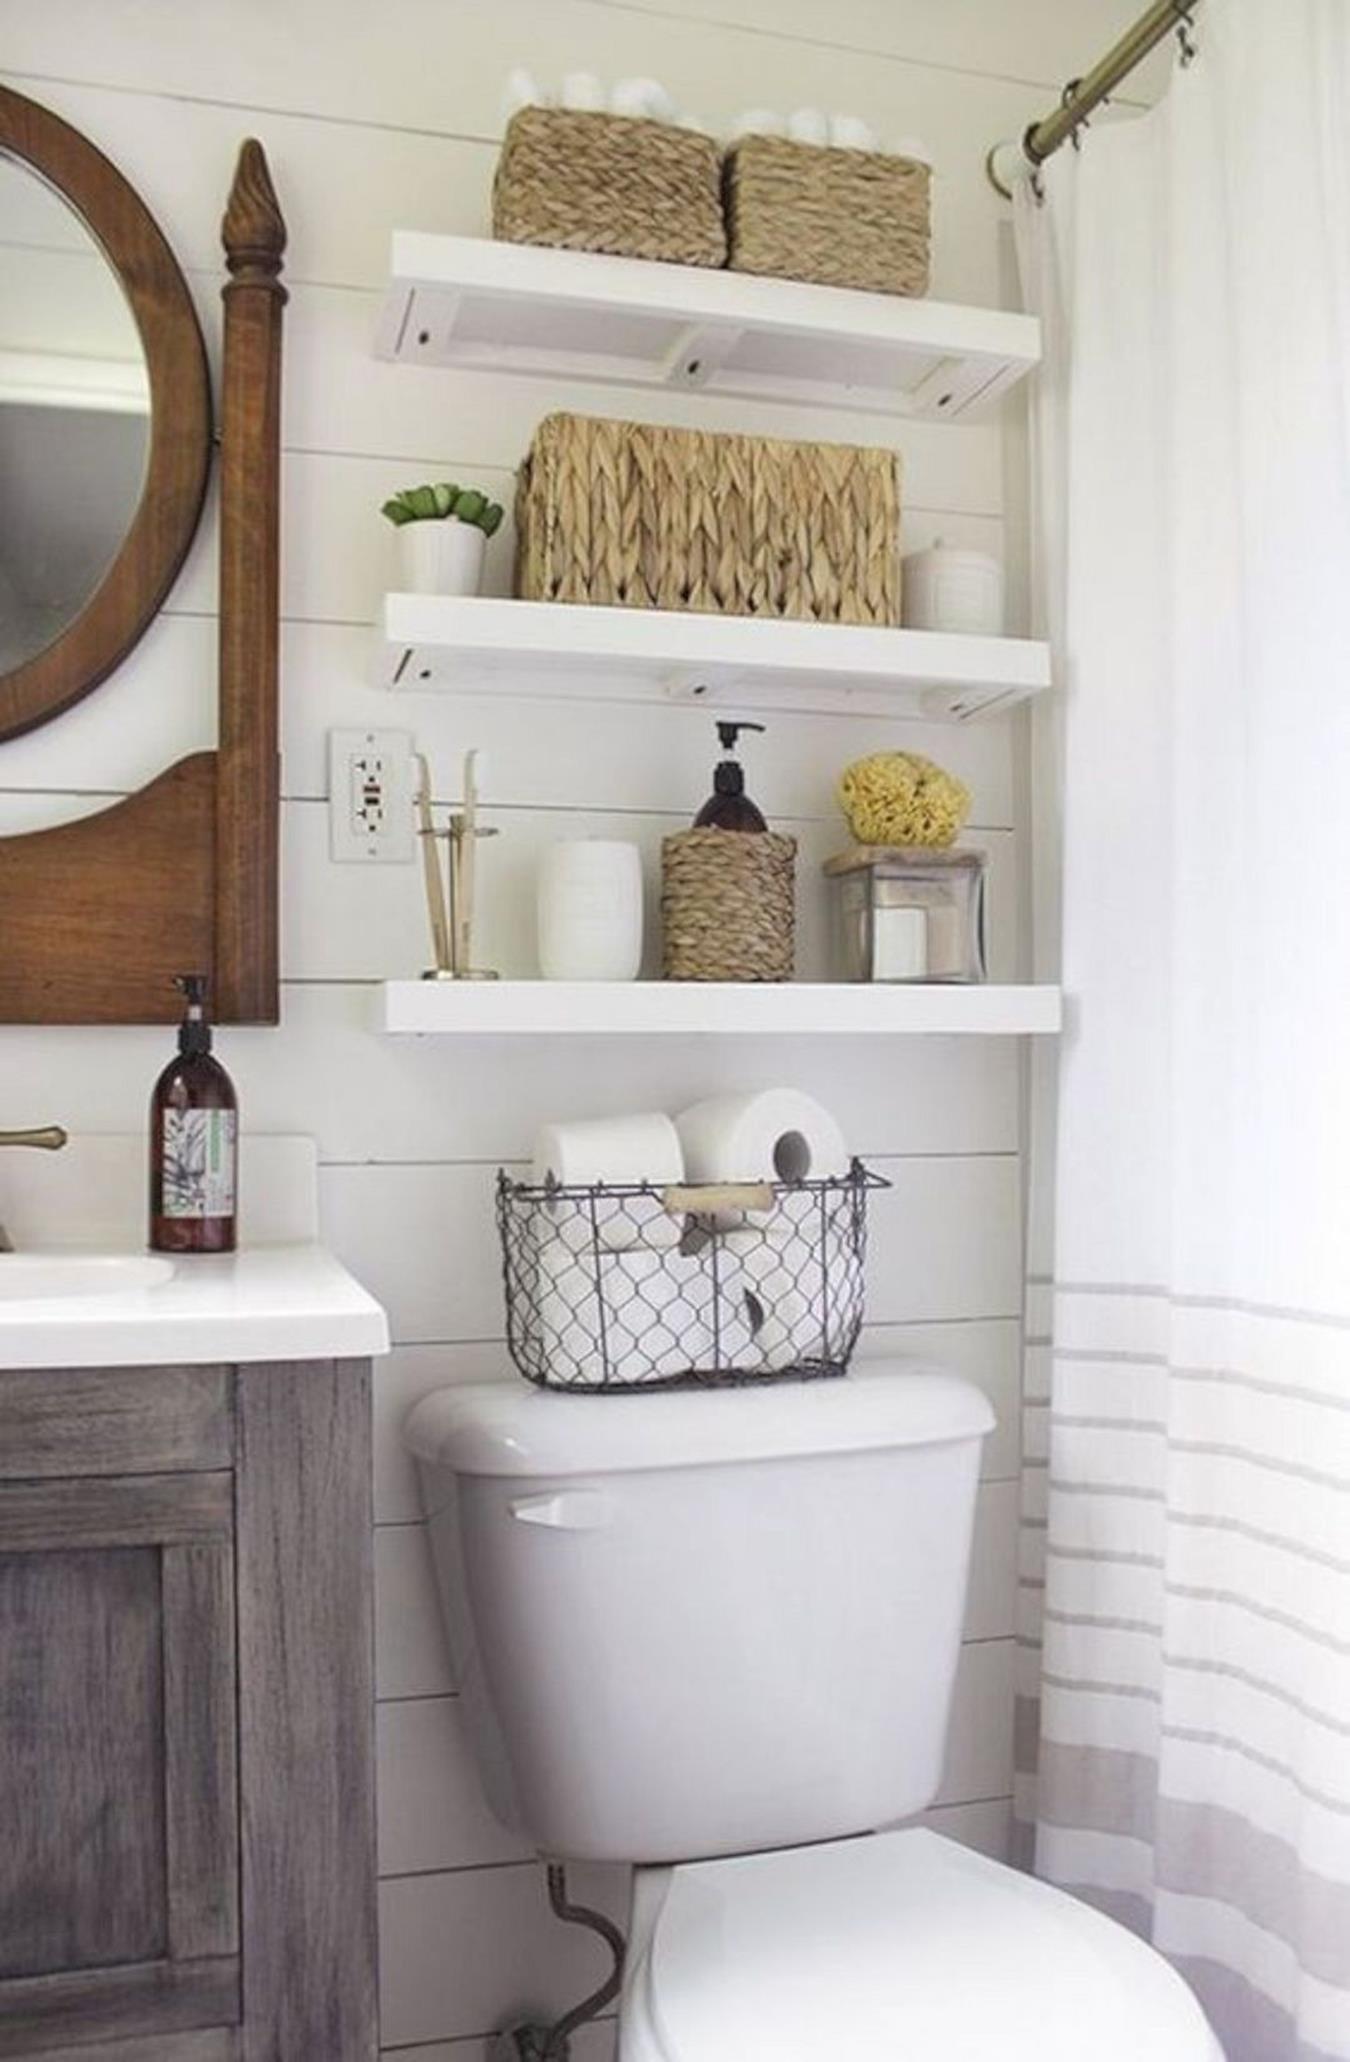 Организация пространства в ванной комнате фото 1